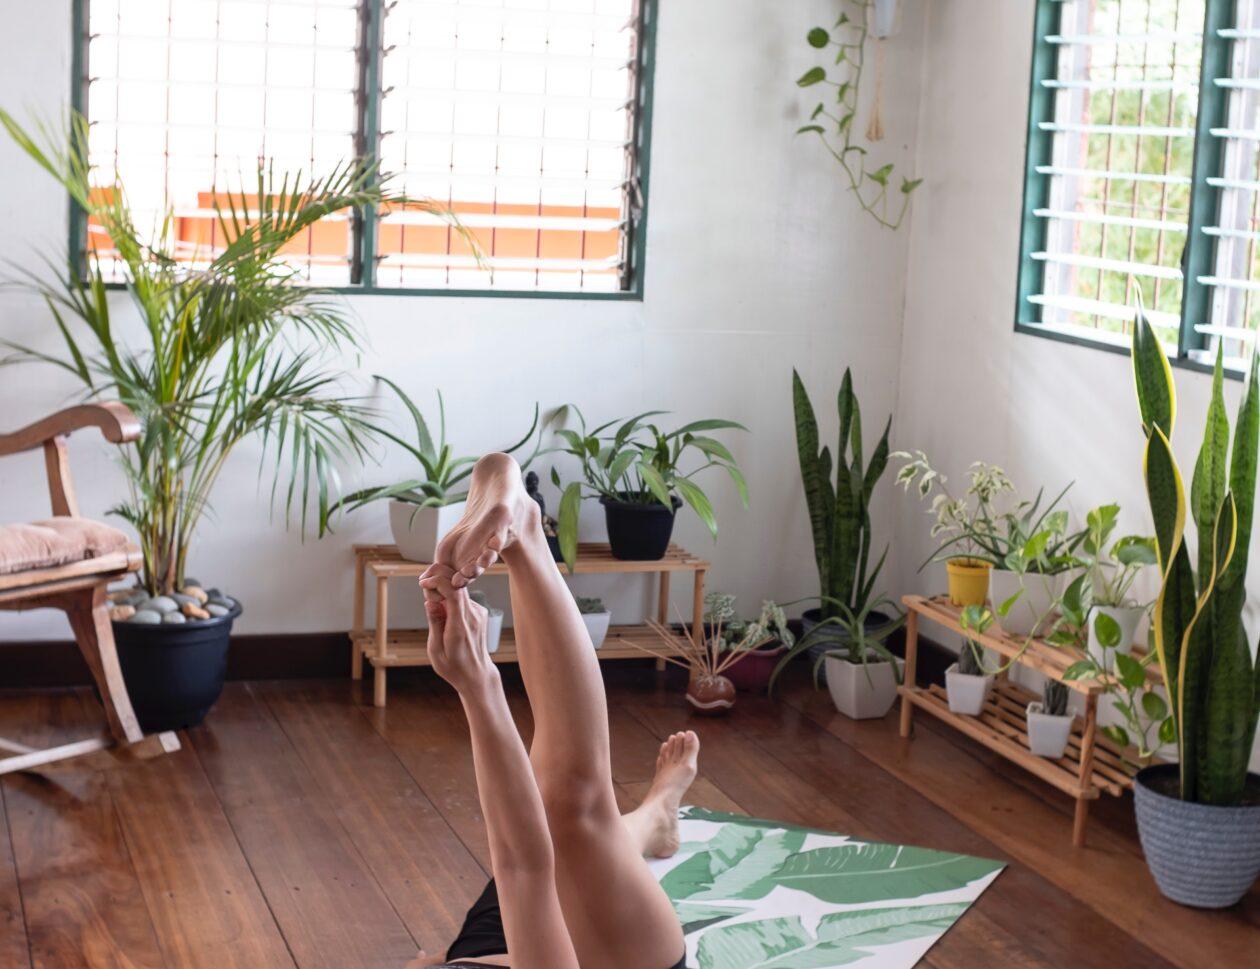 Η άσκηση ακόμα και μέσα στο σπίτι βελτιώνει την ψυχολογία μας 3